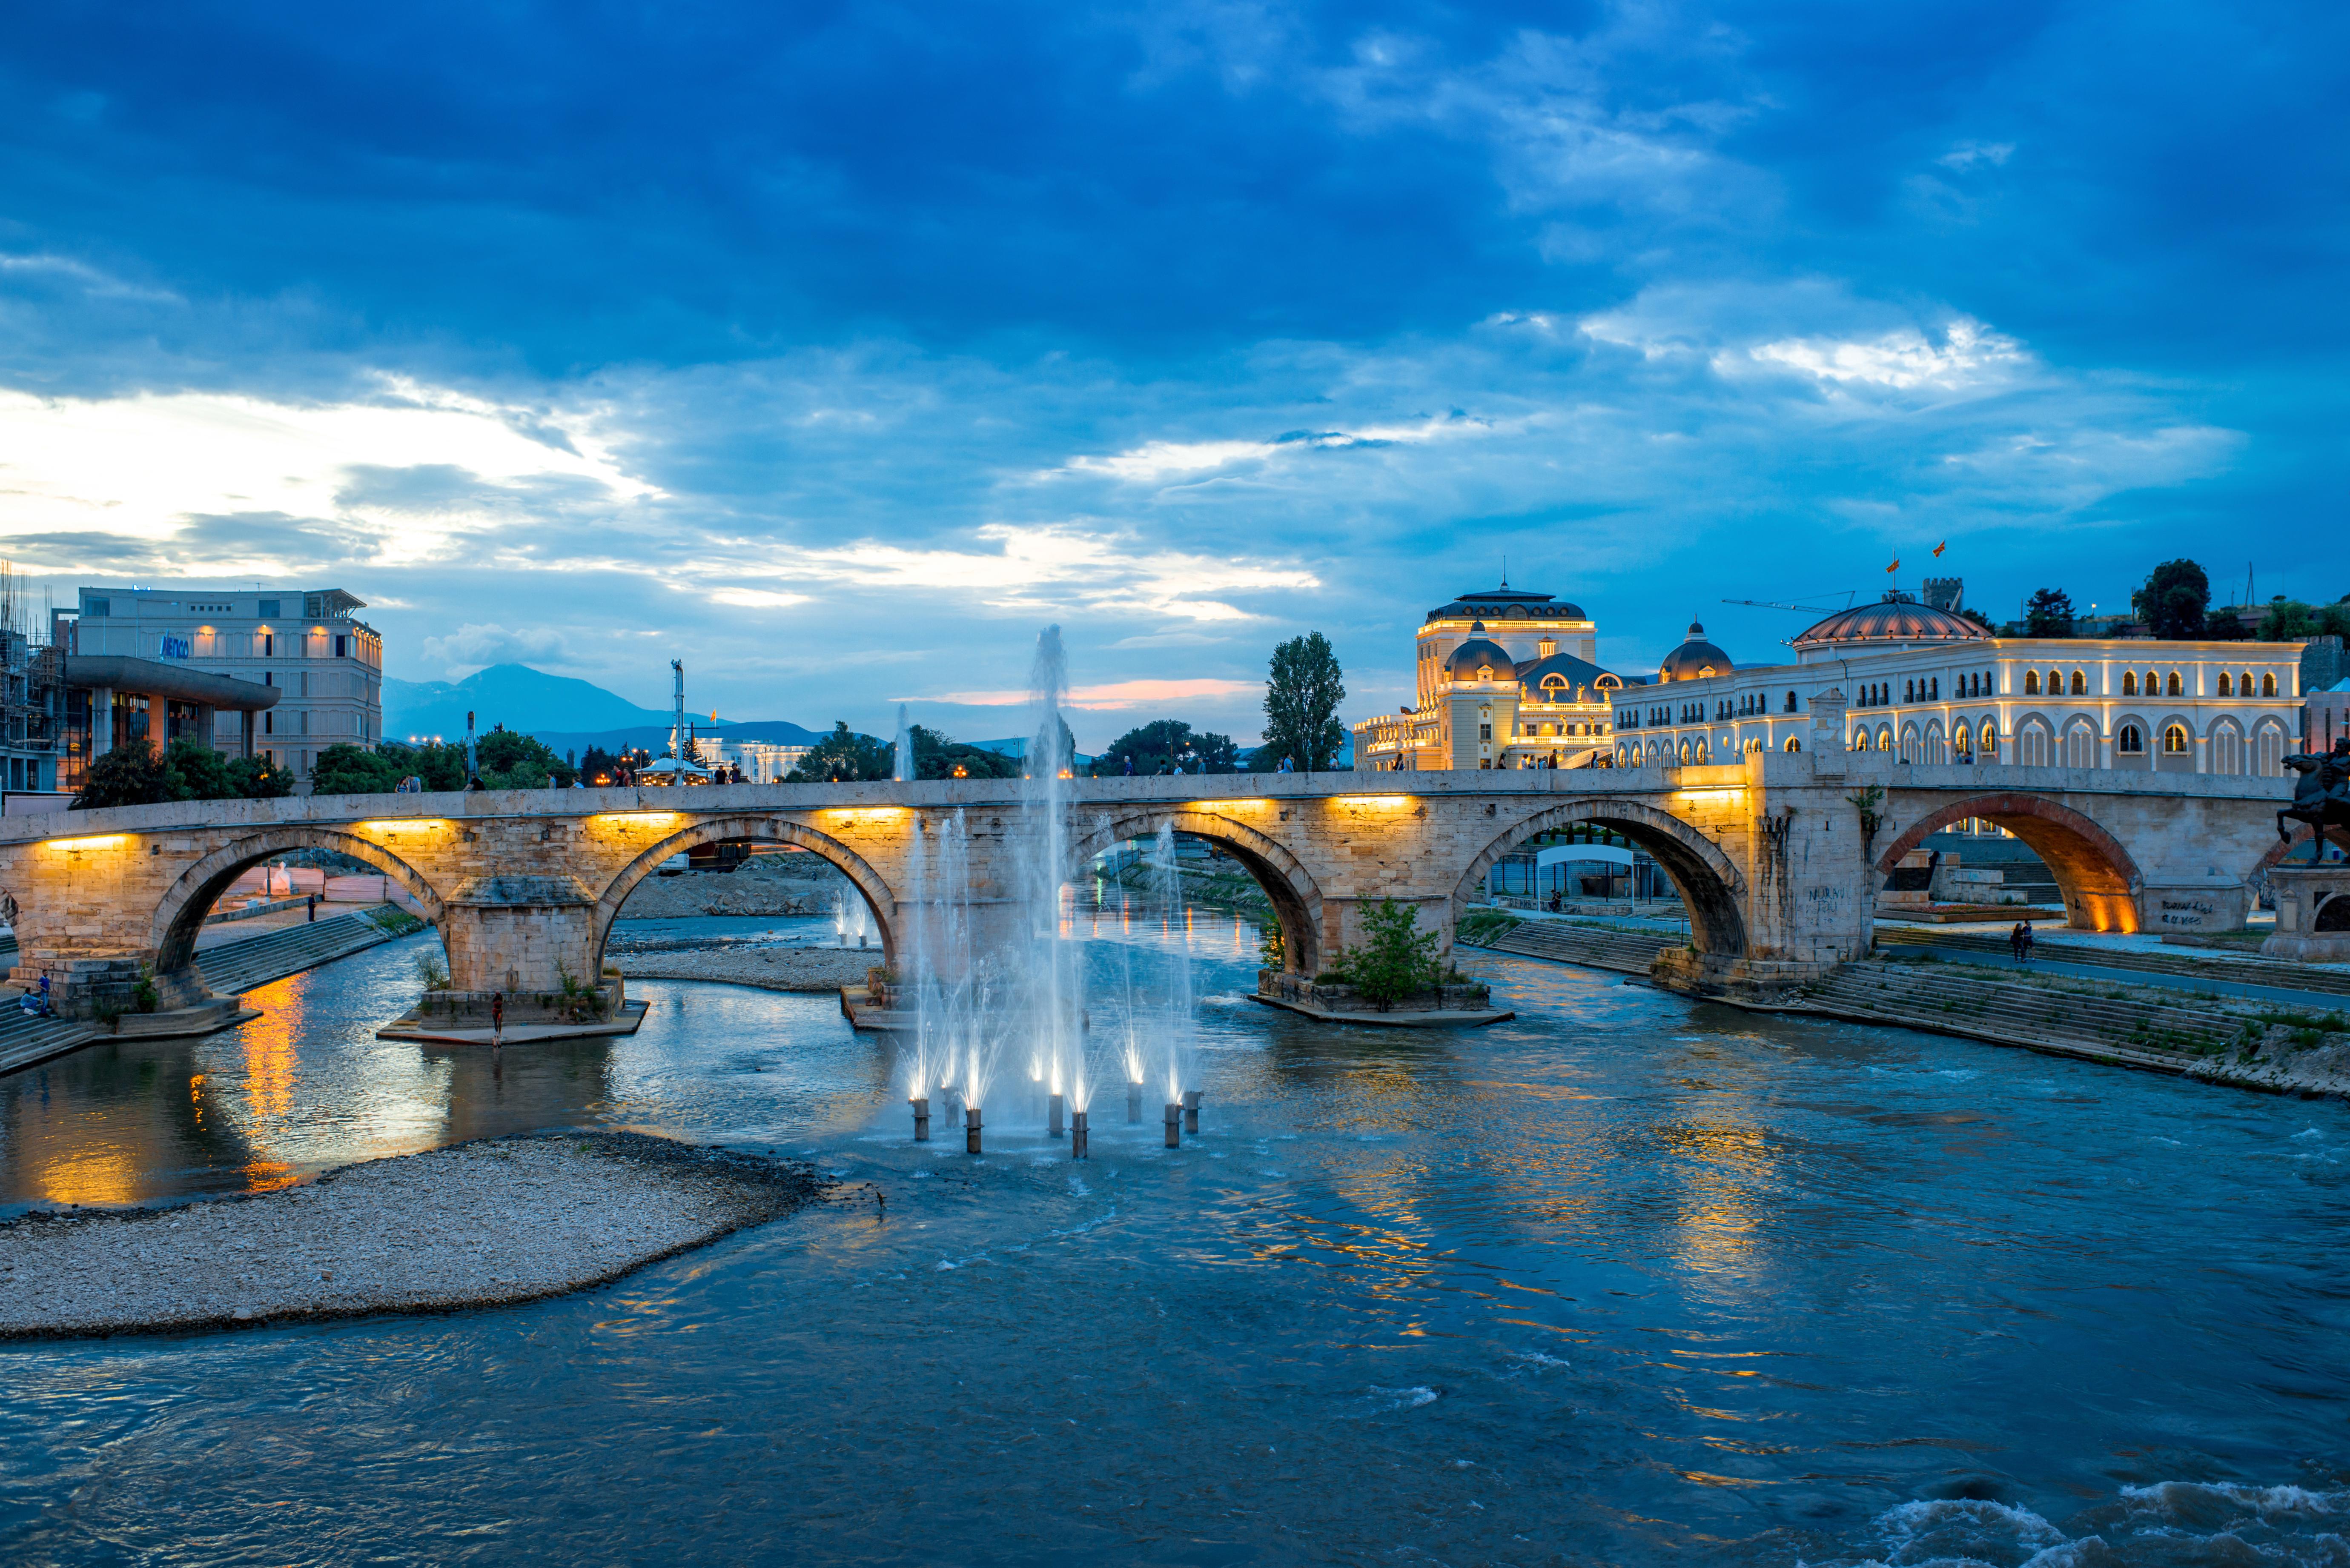 Екскурзия за празника Водици (Богоявление) до Охрид и Скопие! 1 нощувка със закуска и транспорт, възможност за посещение на Албания! - Снимка